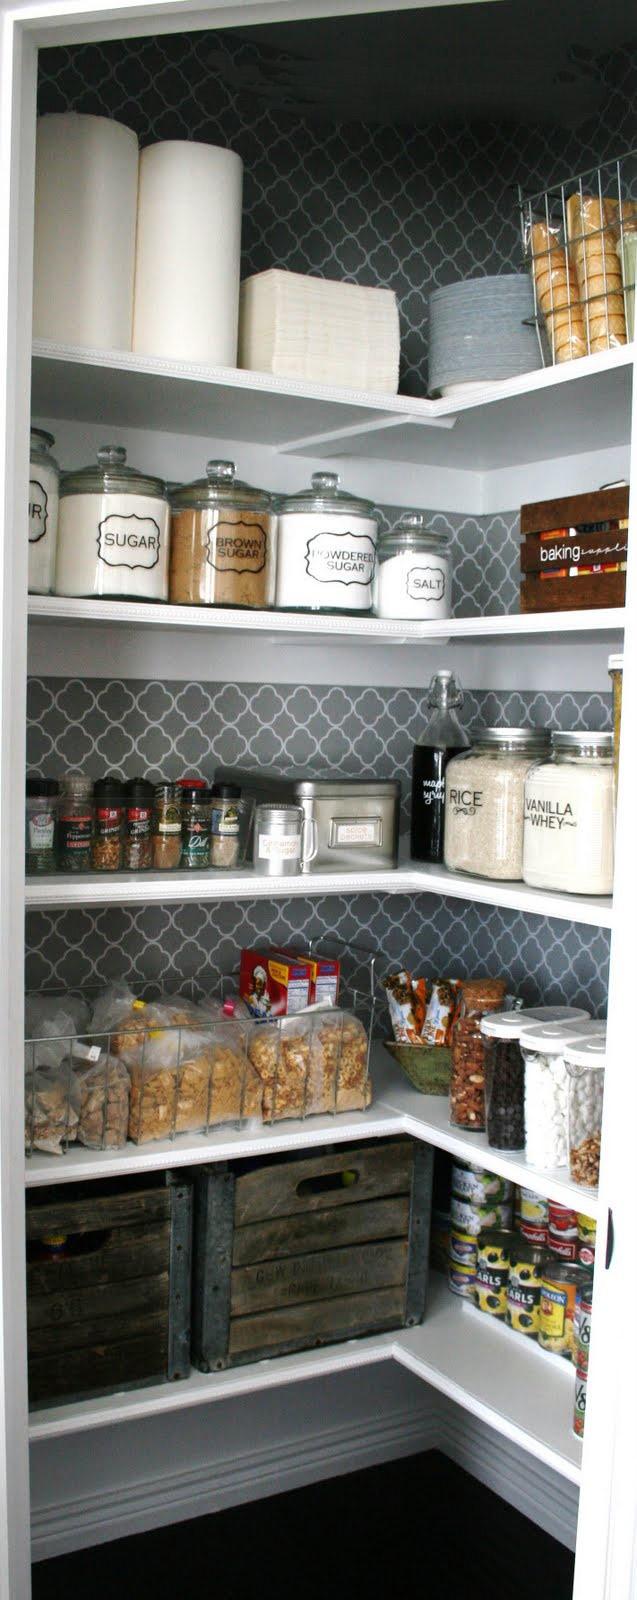 Открытые полки с продуктами и кухонными аксессуарами в маленькой кладовой